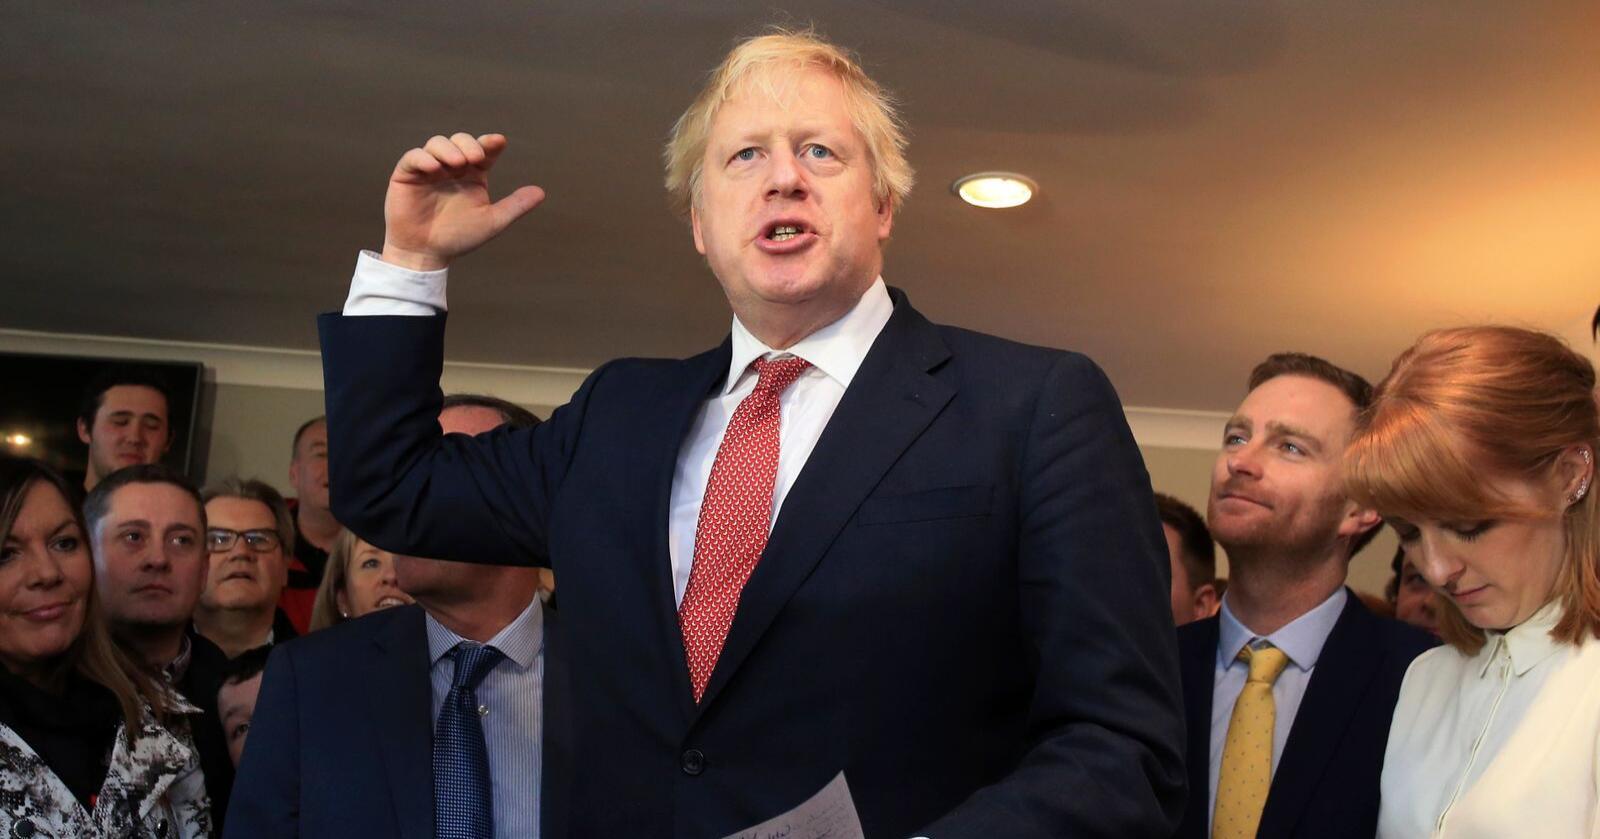 Statsminister Boris Johnson planlegger å legge fram lovforslaget som baner vei for brexit denne uka, sier hans talsmann. Foto: Lindsey Parnaby / AP / NTB scanpix